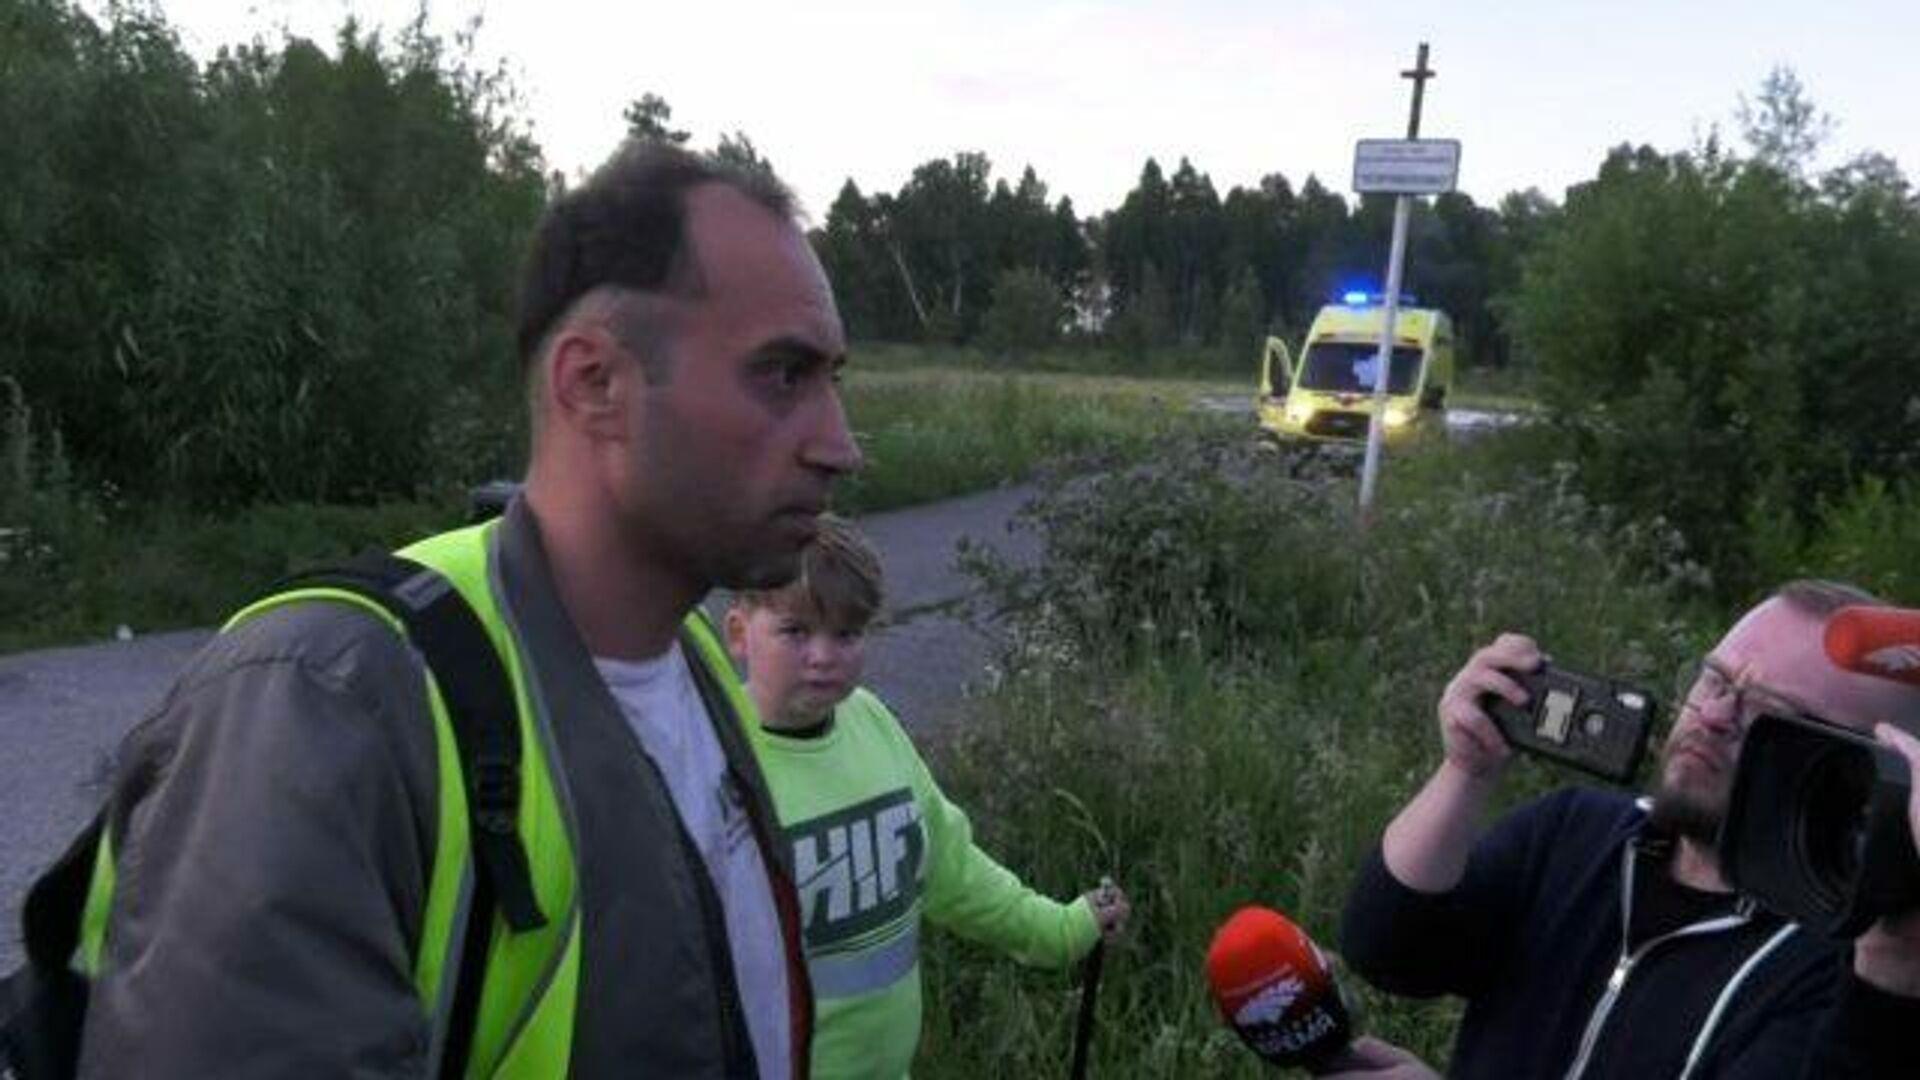 Все живы, здоровы – самое главное – пилот самолета Ан-28 рассказал о подробностях аварии - РИА Новости, 1920, 16.07.2021